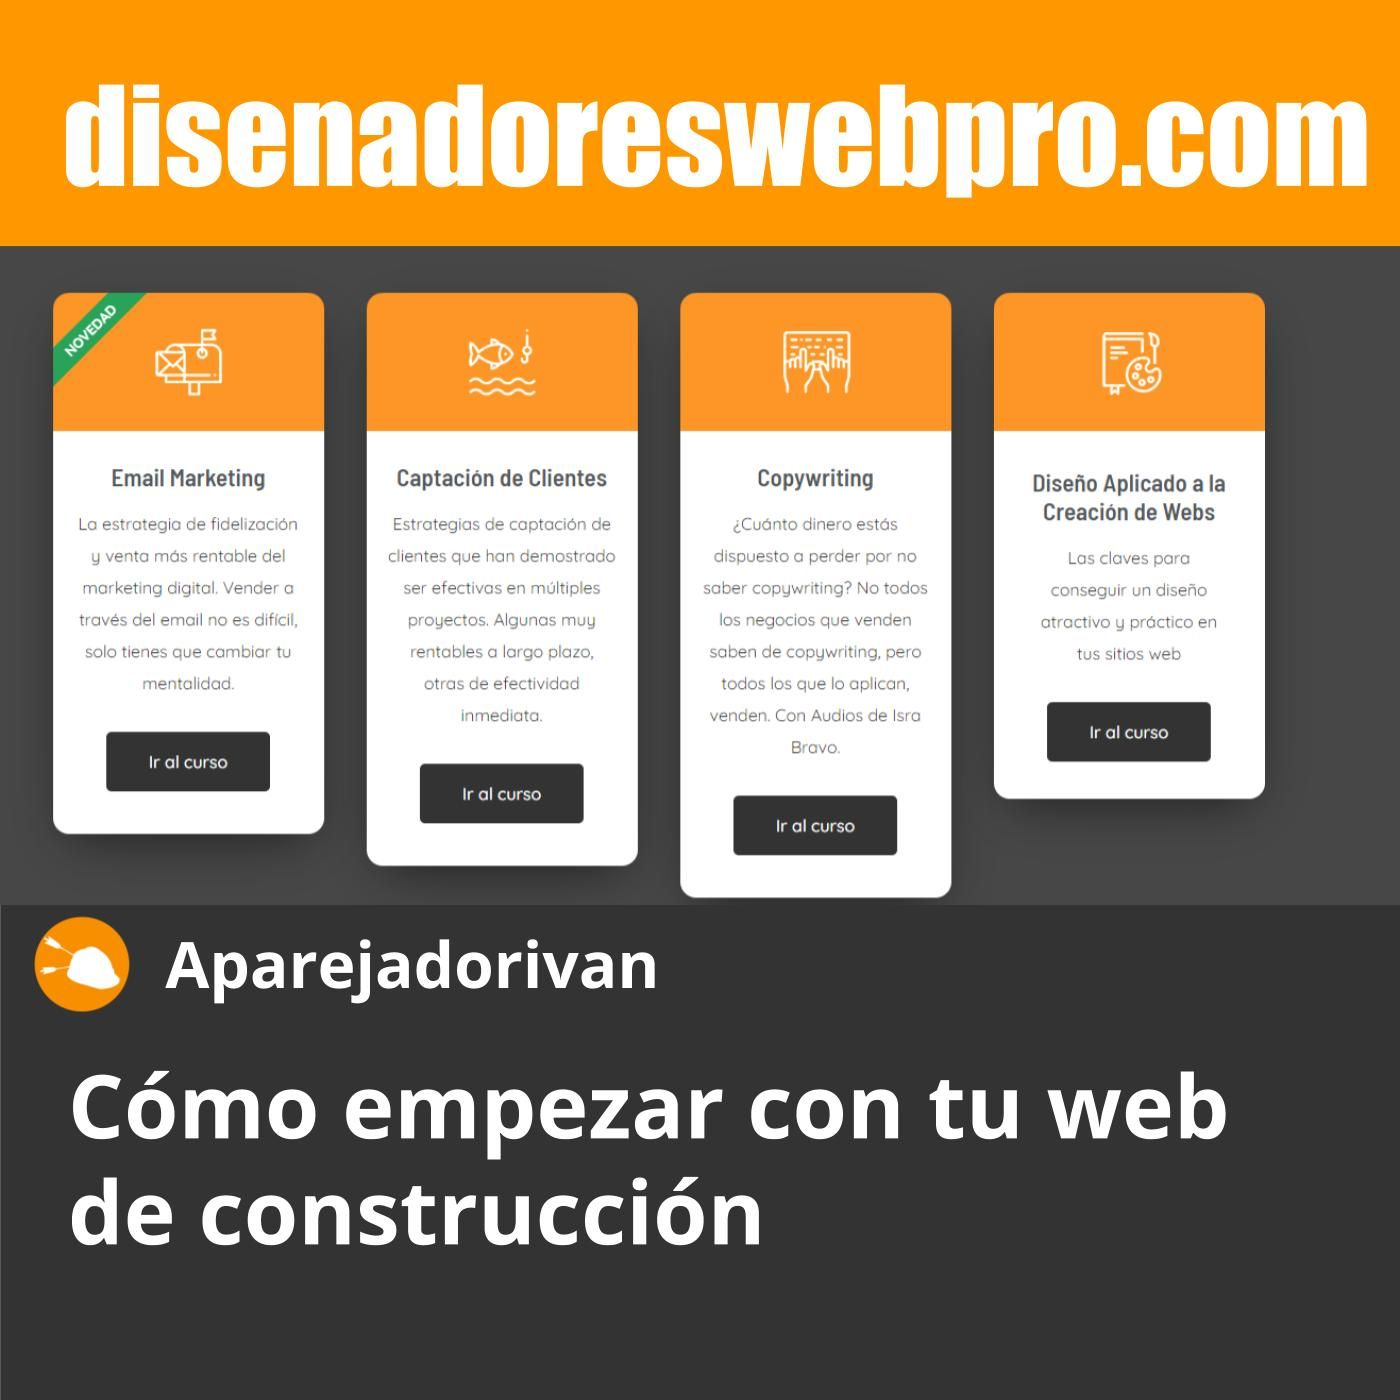 Cómo empezar con tu web de construcción